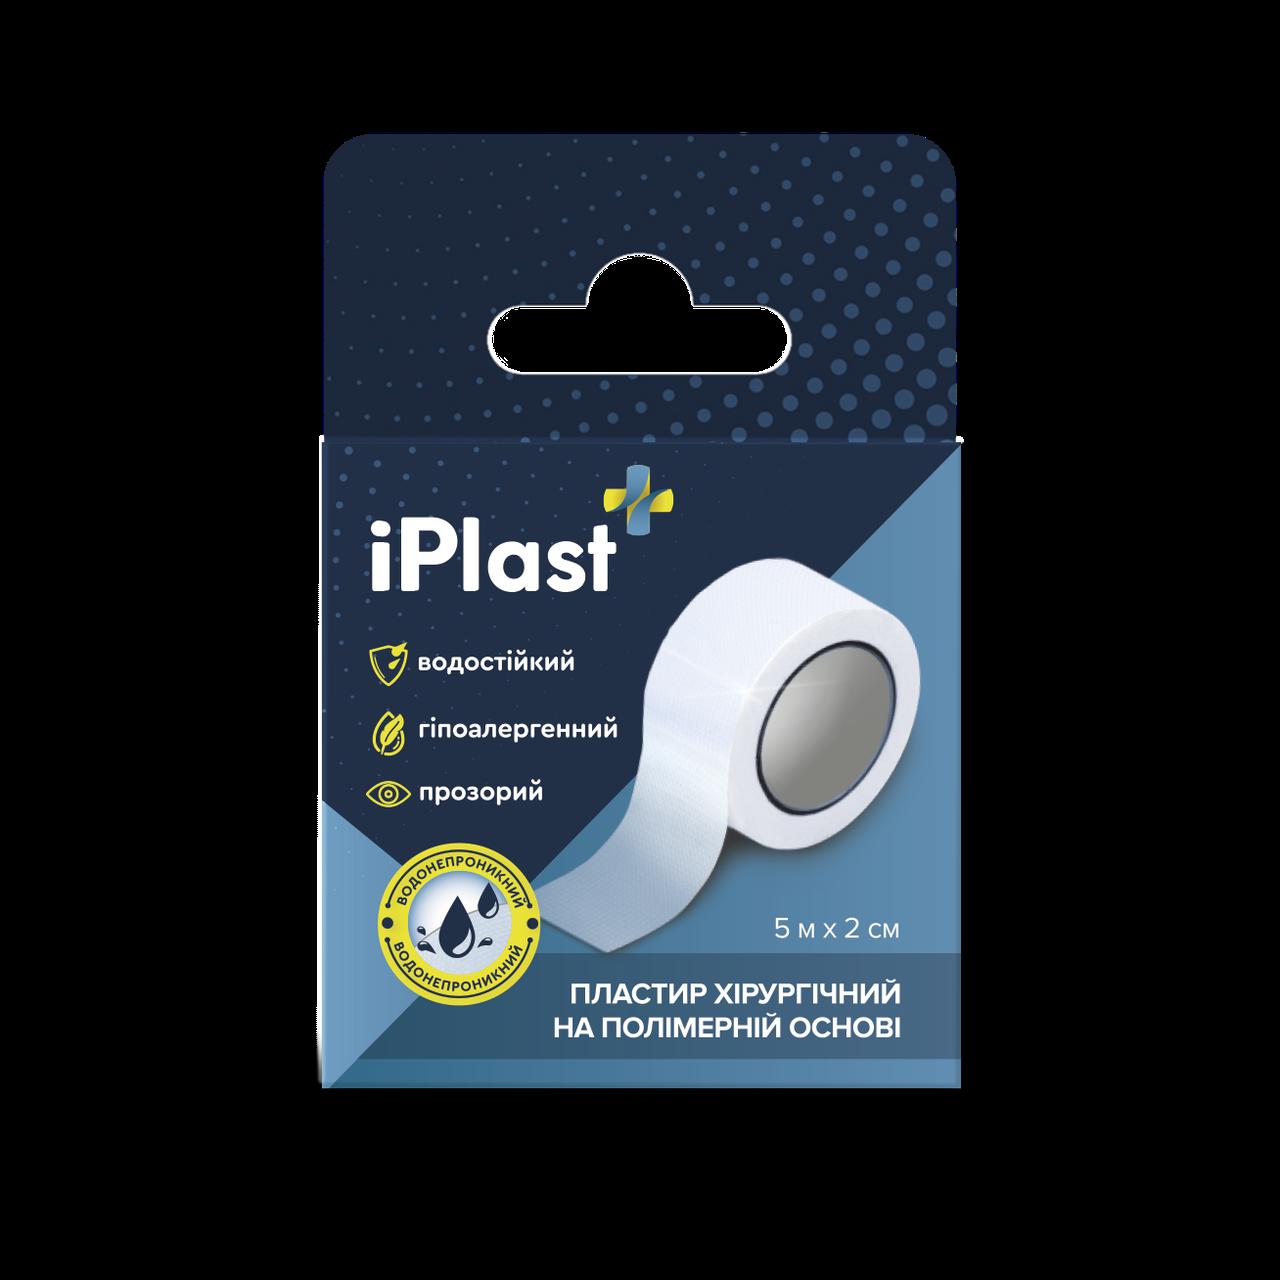 Пластырь Хирургический на полимерной основе, в катушке IPlast (Dr.Frei) (5м х 2см)